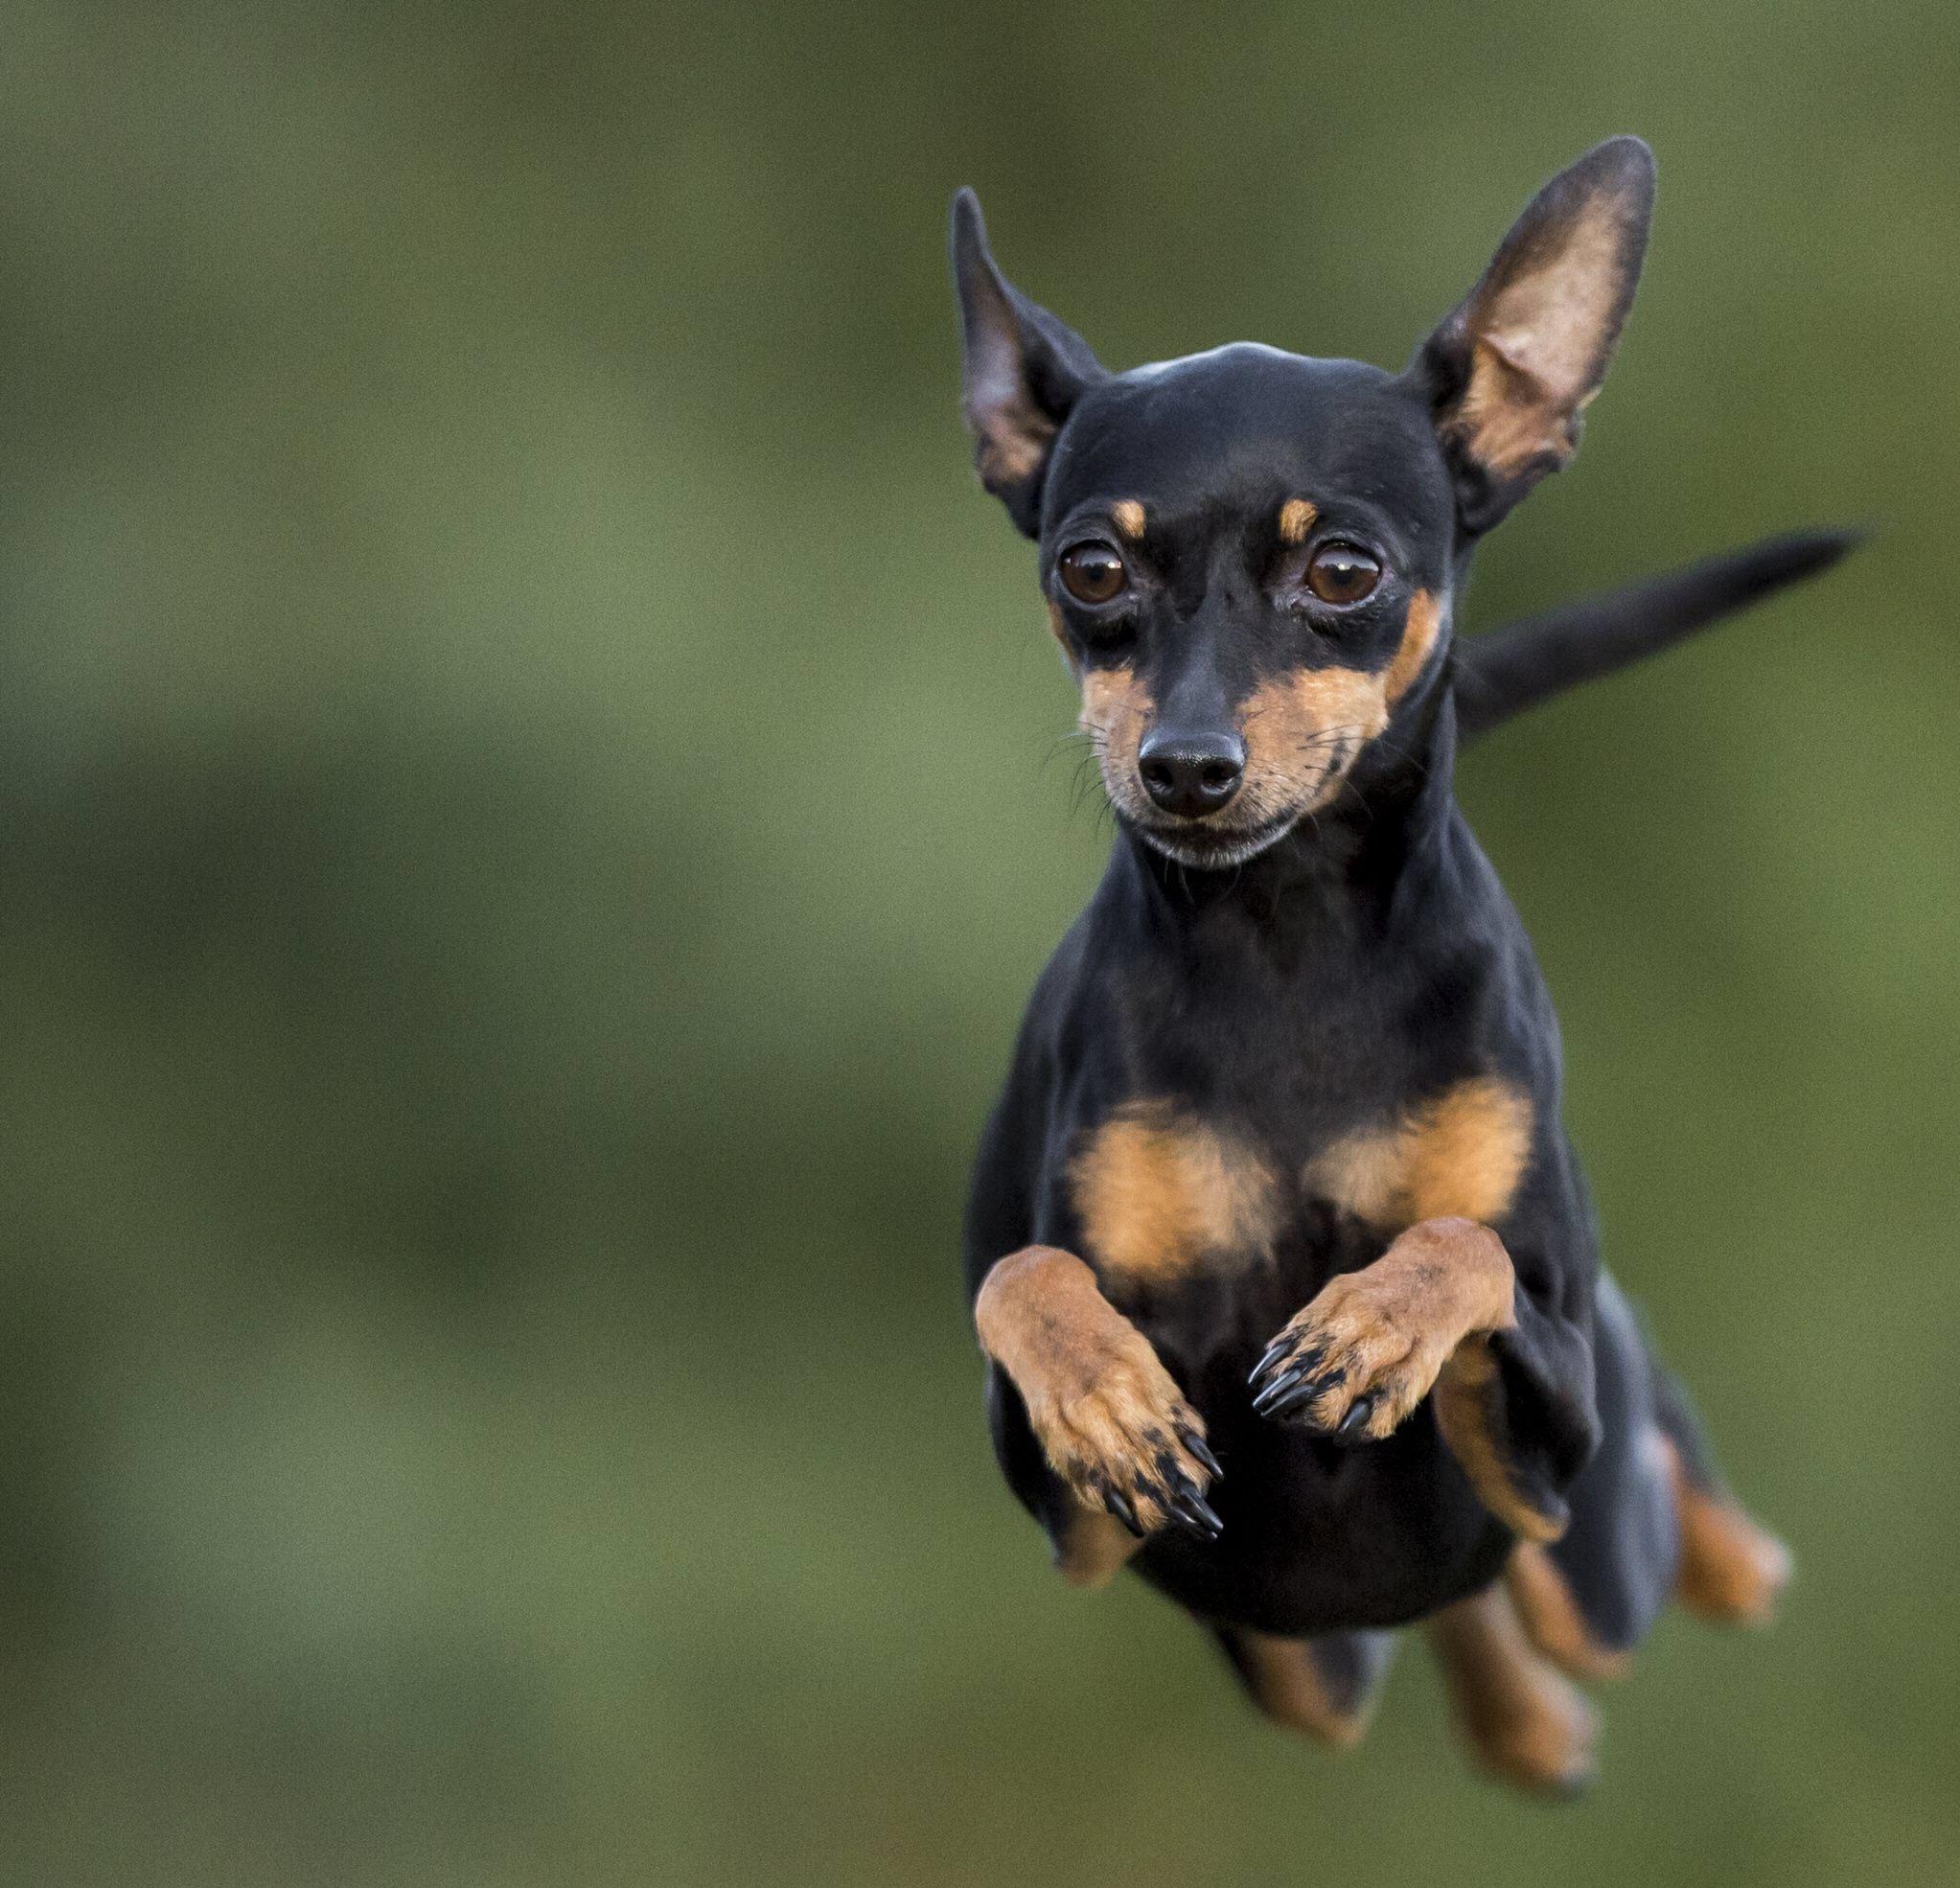 Ảnh chú chó Phốc đẹp nhất